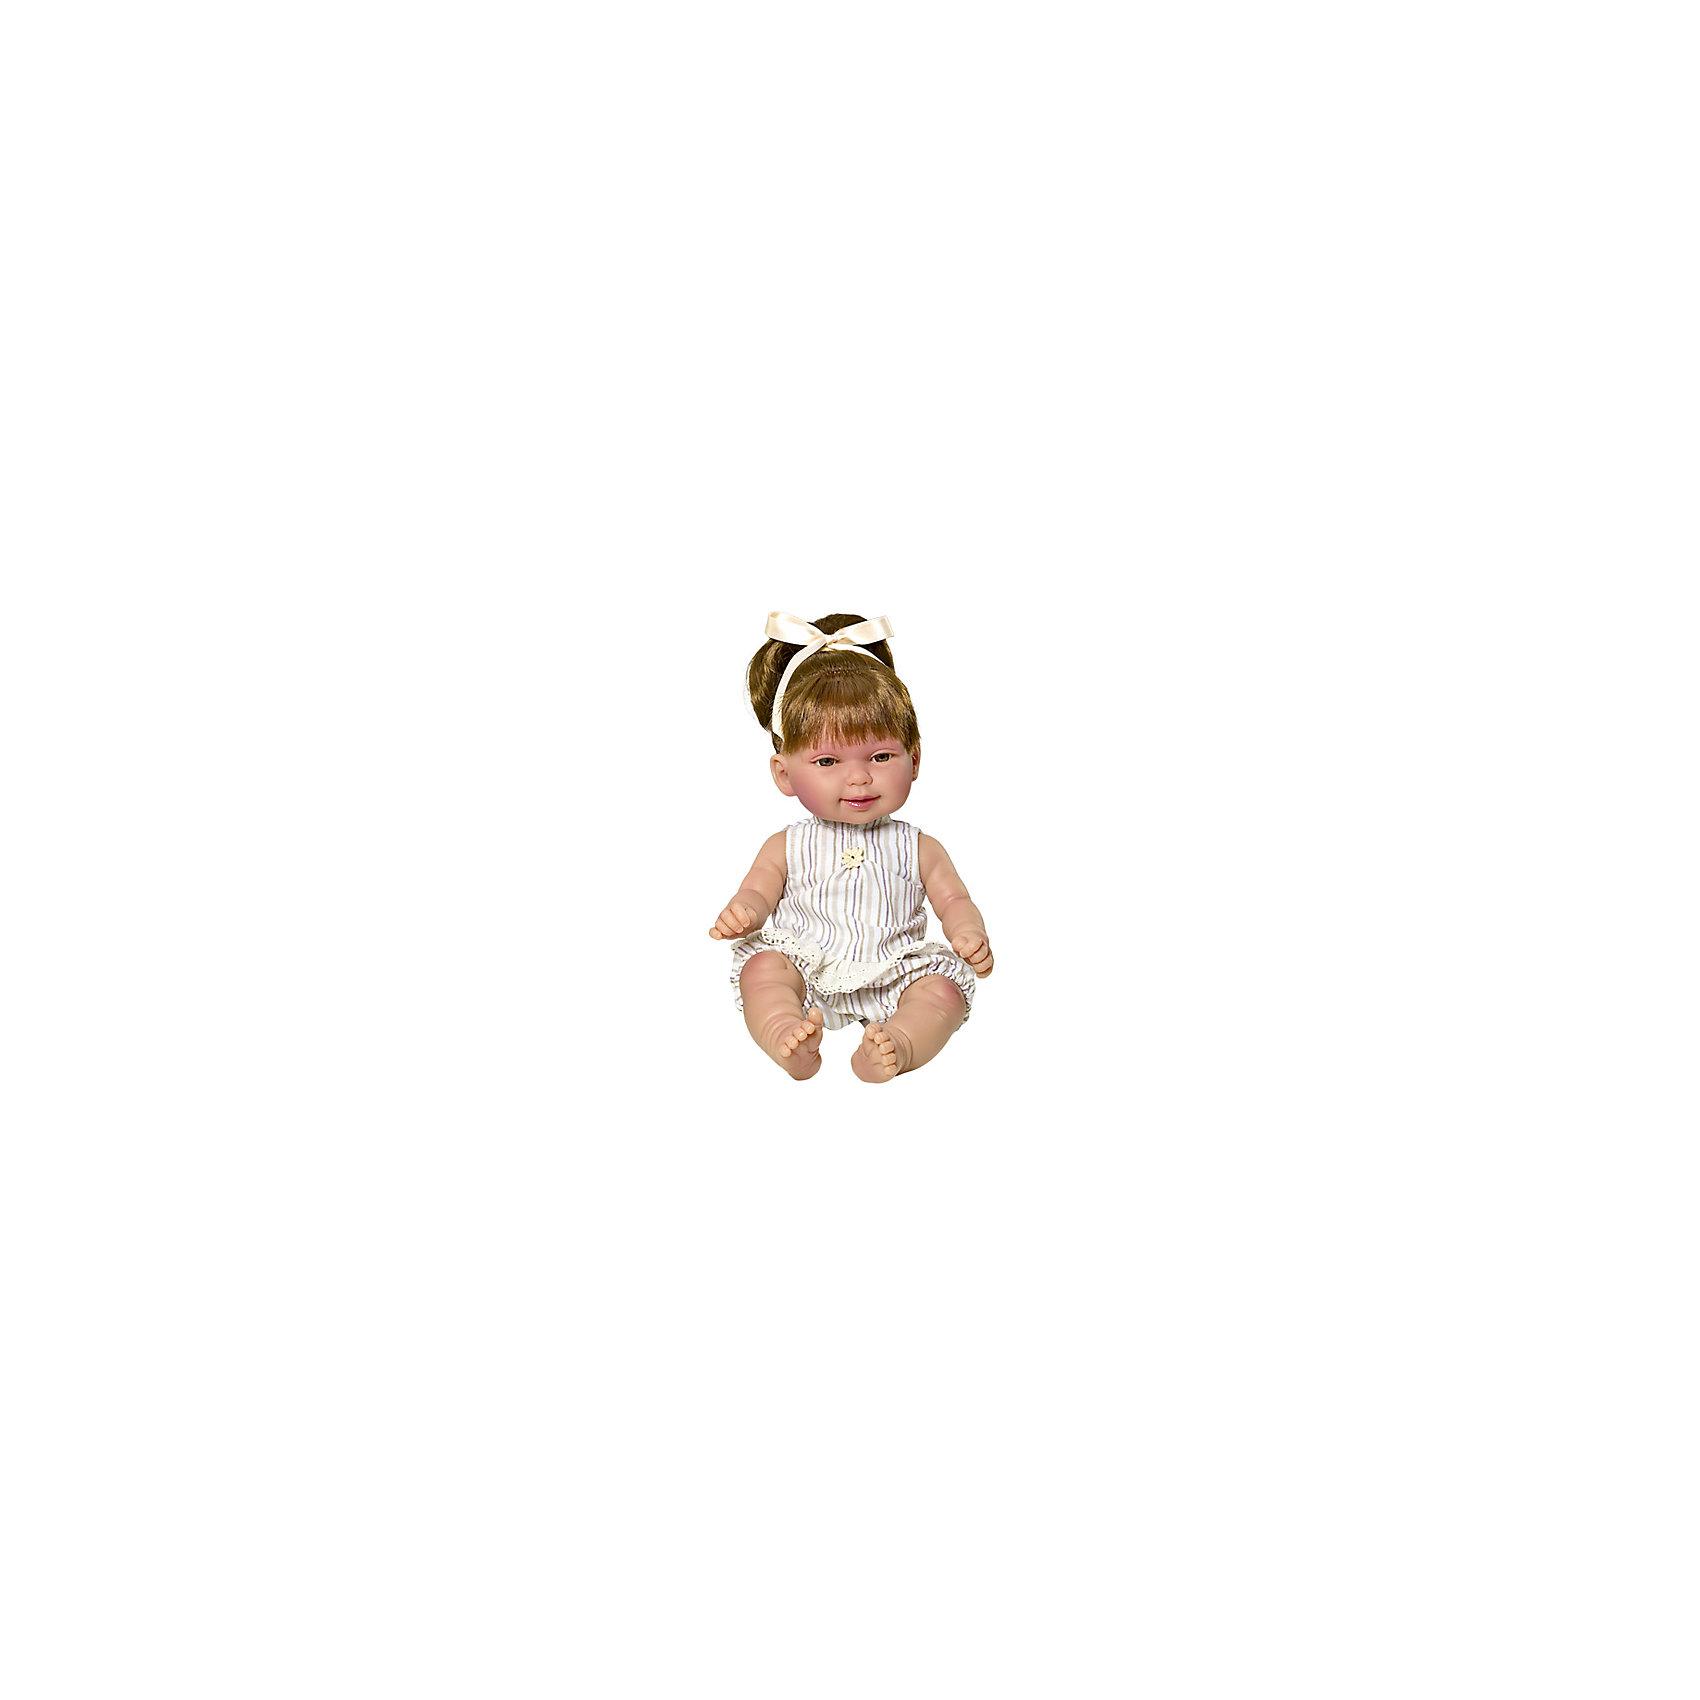 Кукла Vestida de Azul Кина брюнетка с хвостиком, ЛетоКлассические куклы<br><br><br>Ширина мм: 380<br>Глубина мм: 120<br>Высота мм: 240<br>Вес г: 650<br>Возраст от месяцев: 72<br>Возраст до месяцев: 2147483647<br>Пол: Женский<br>Возраст: Детский<br>SKU: 7073754